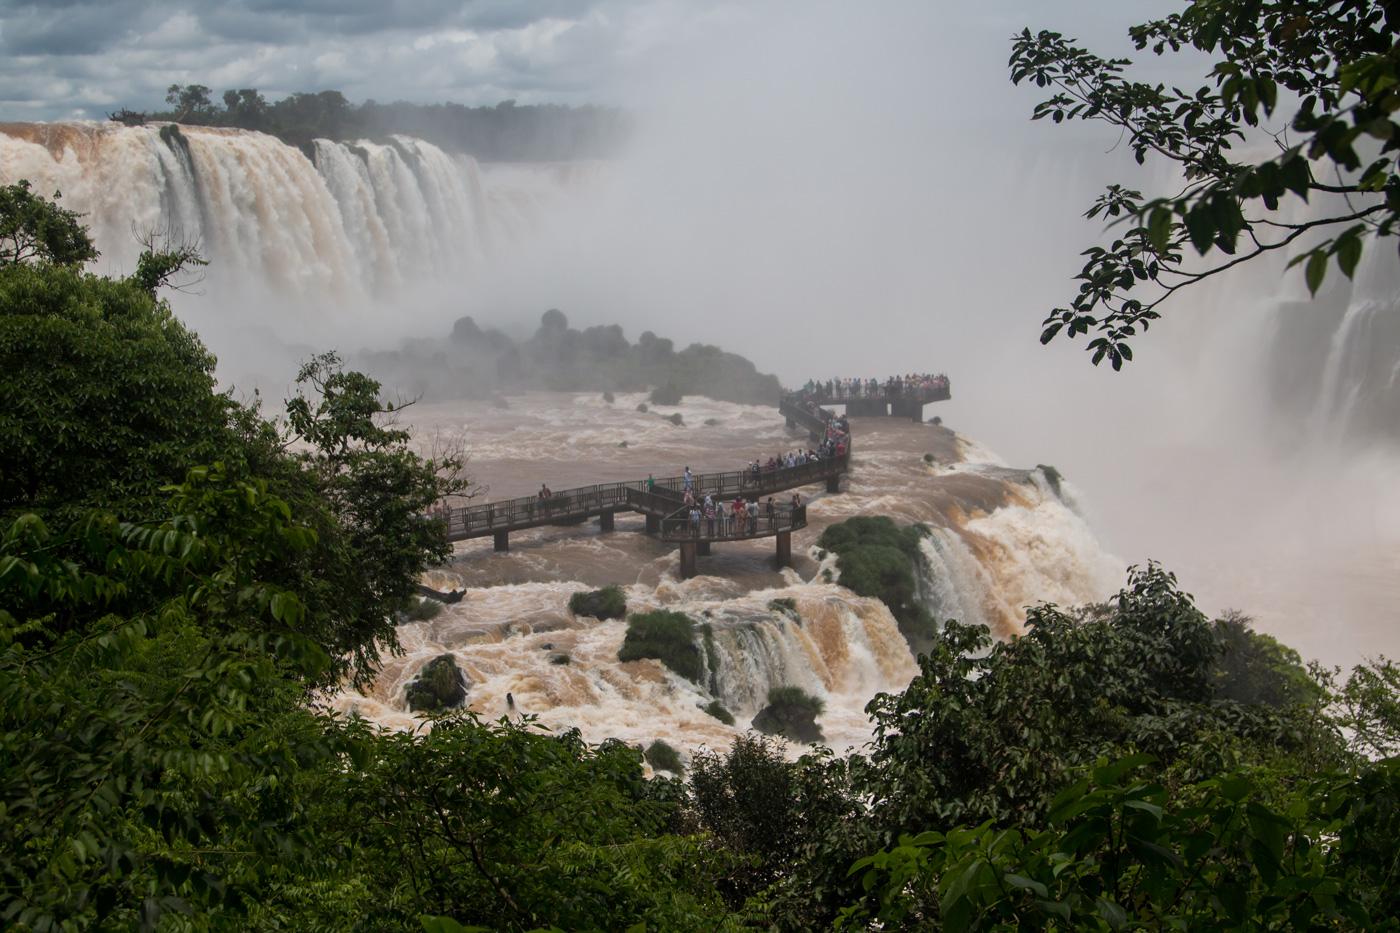 Walkway, Iguaçu Falls